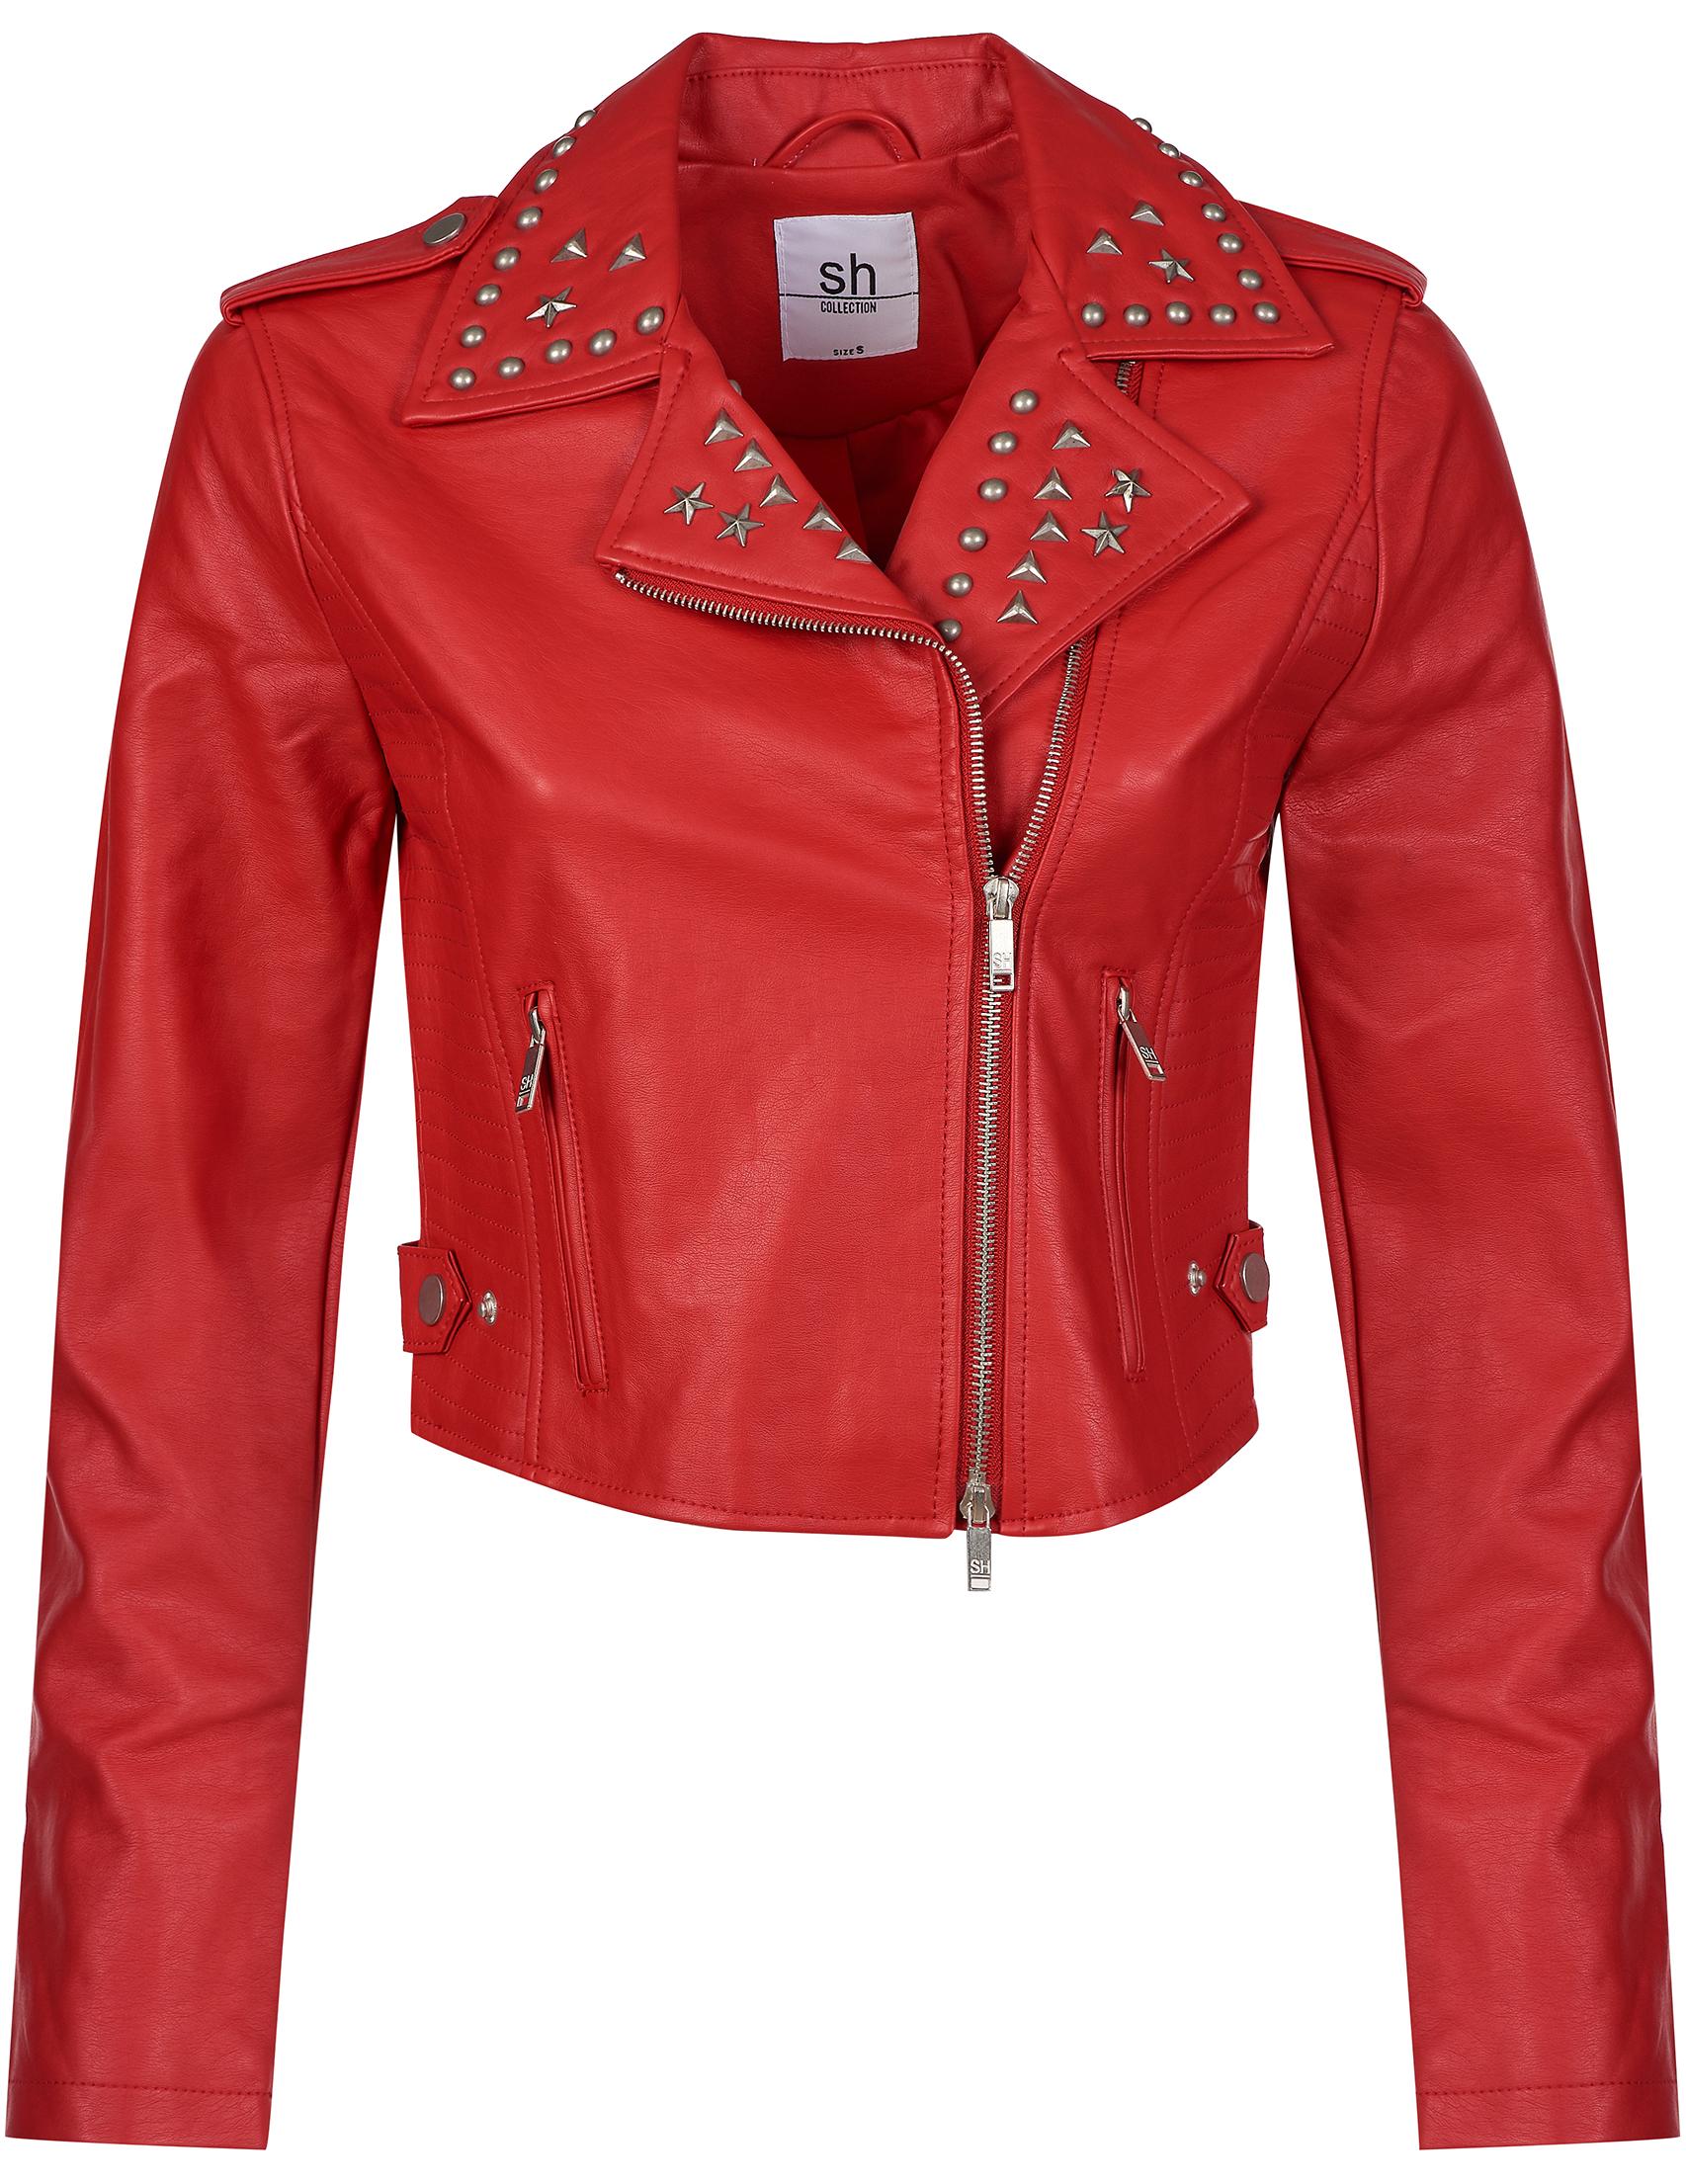 Купить Куртки, Куртка, SILVIAN HEACH, Красный, 100%Полиуретан;100%Полиэстер, Осень-Зима